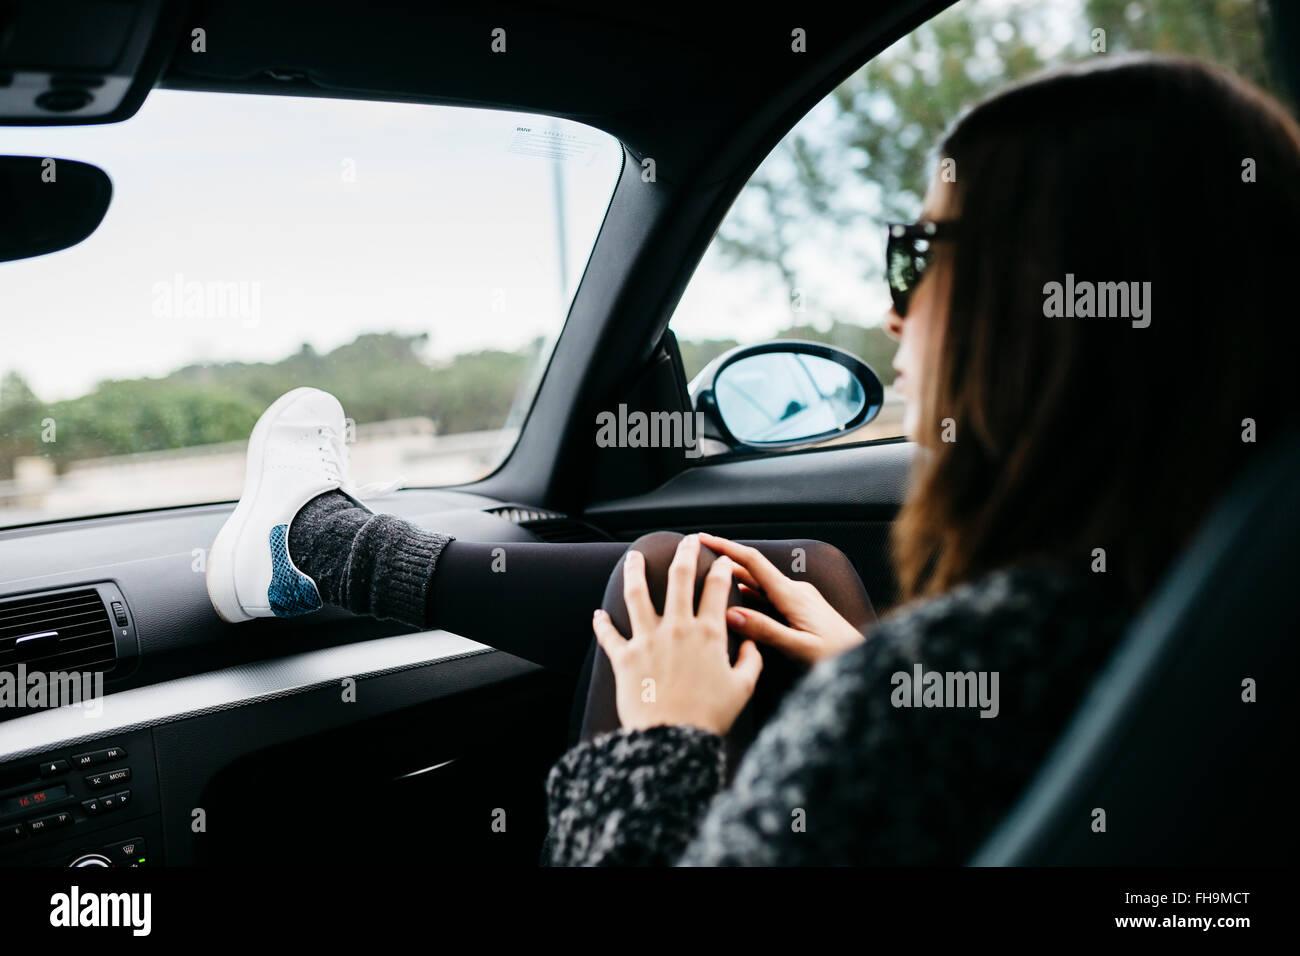 Femmina passeggero anteriore in auto con il piede sul cruscotto Immagini Stock